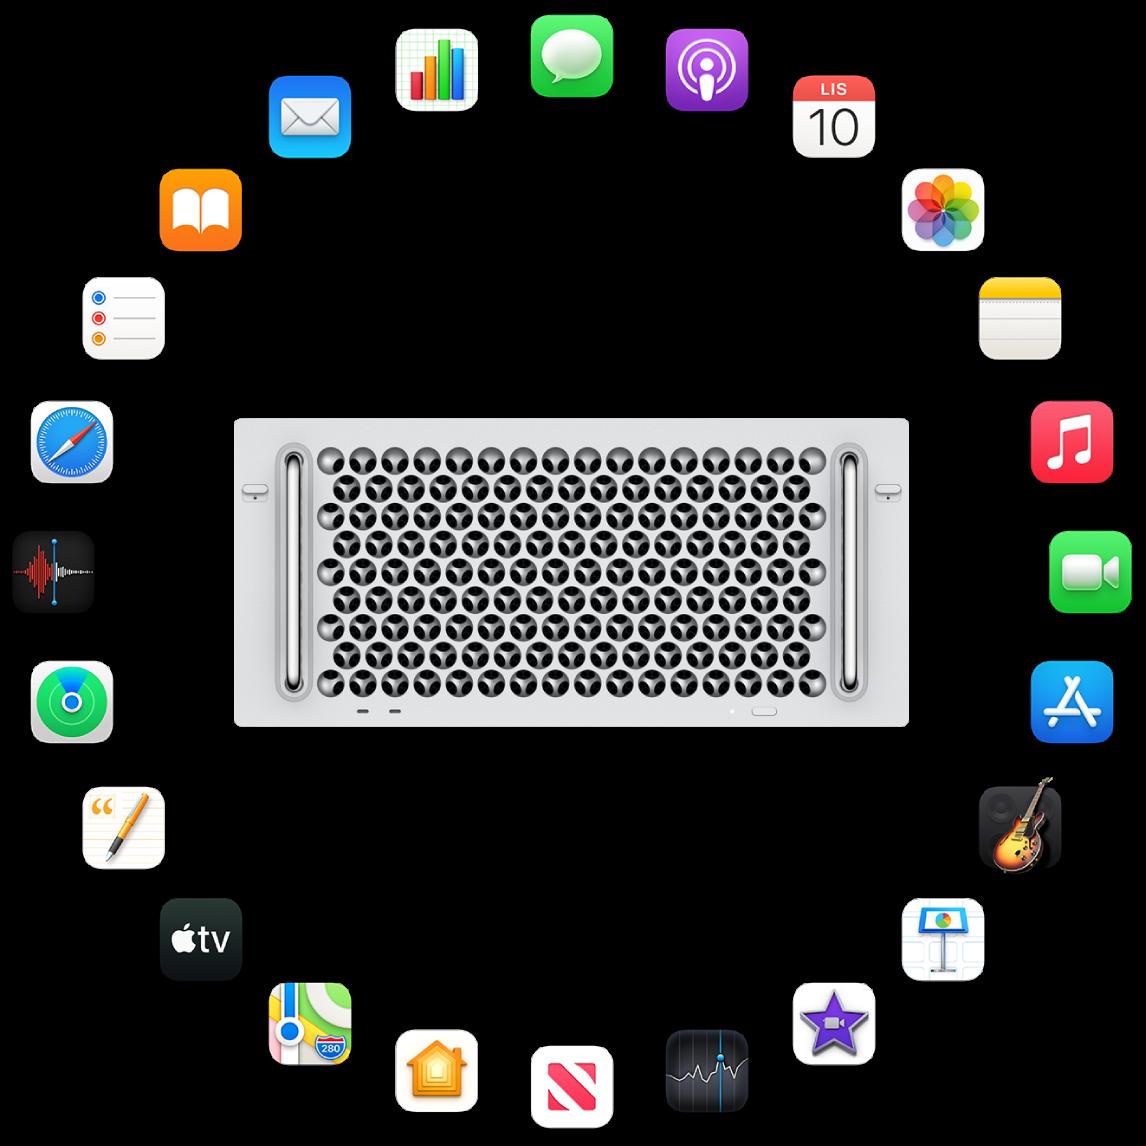 MacPro otoczony ikonami dołączonych do niego aplikacji, opisanych wkolejnych sekcjach.